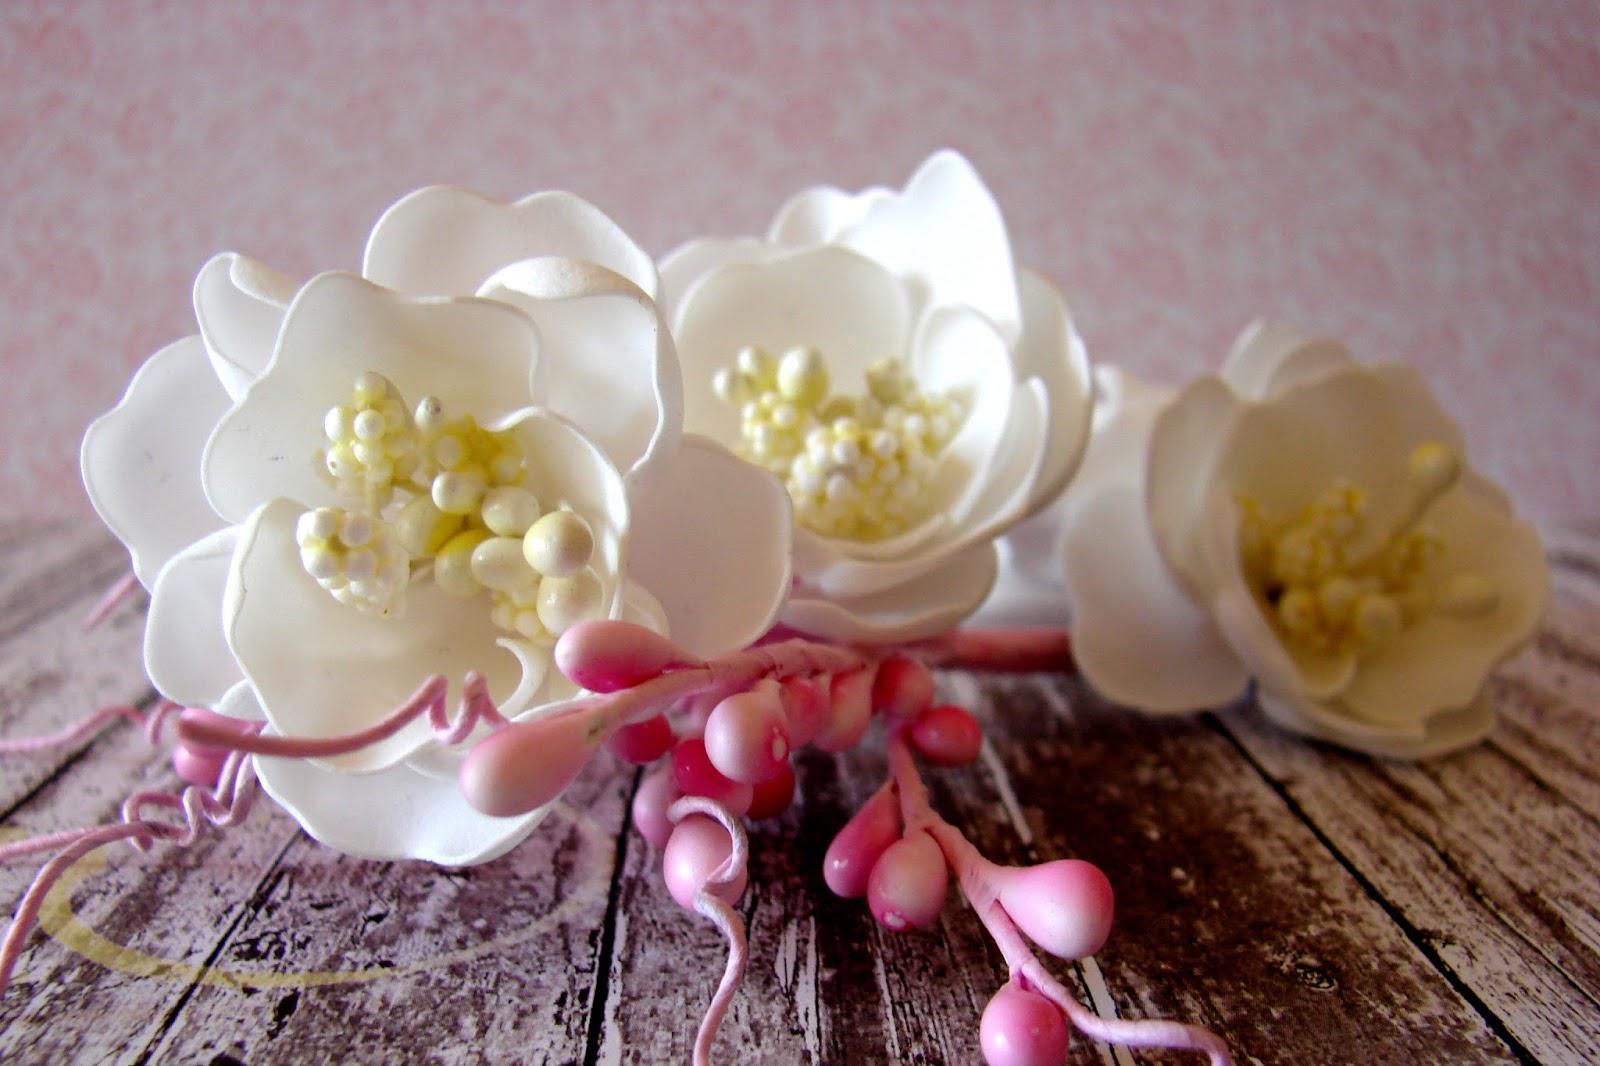 Цветы из фоамирана кажутся настоящими, хрупкими и нежными